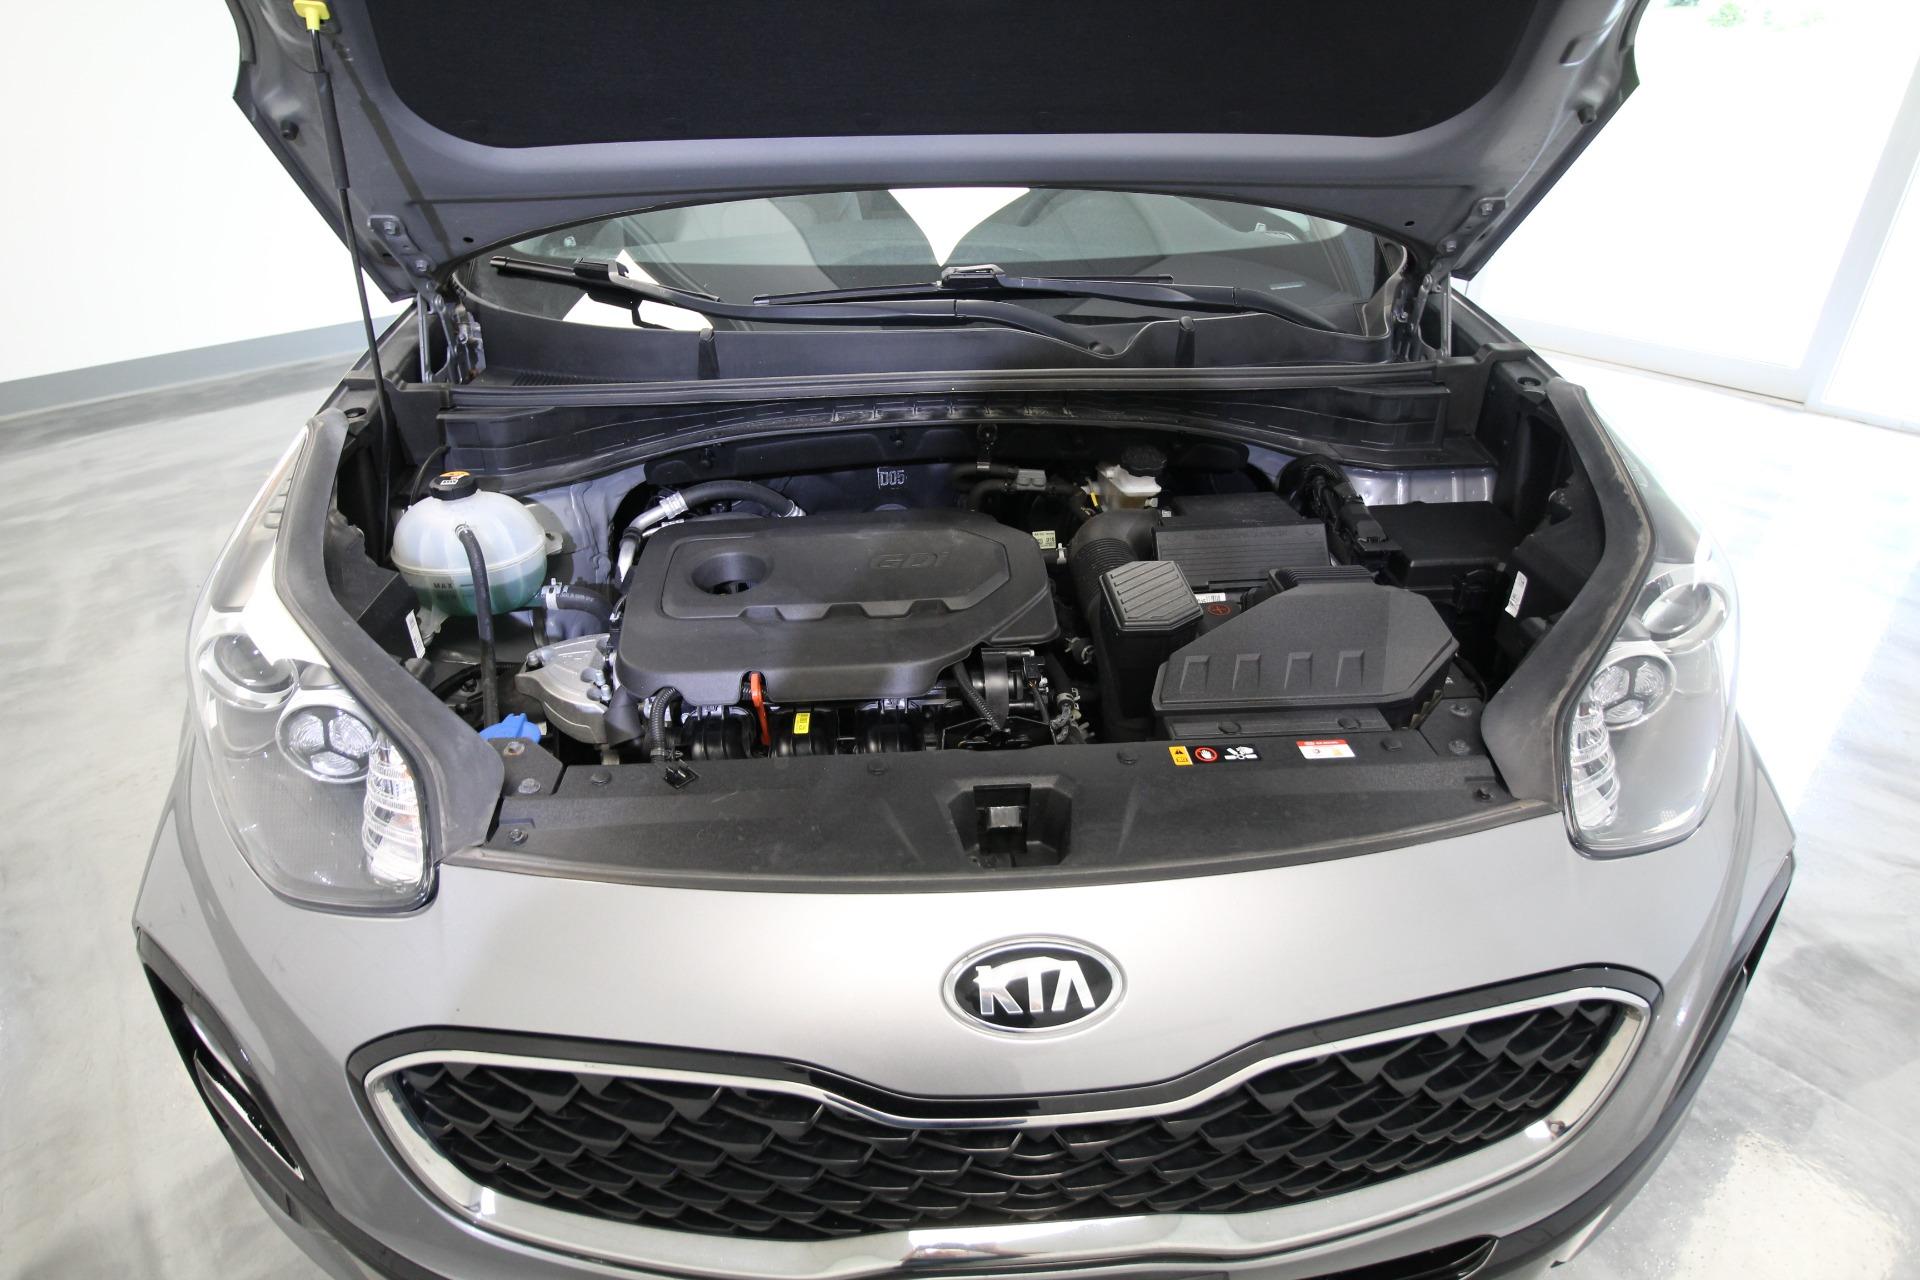 Used 2020 Kia Sportage LX AWD 1 OWNER LOCAL CAR LIKE NEW | Albany, NY